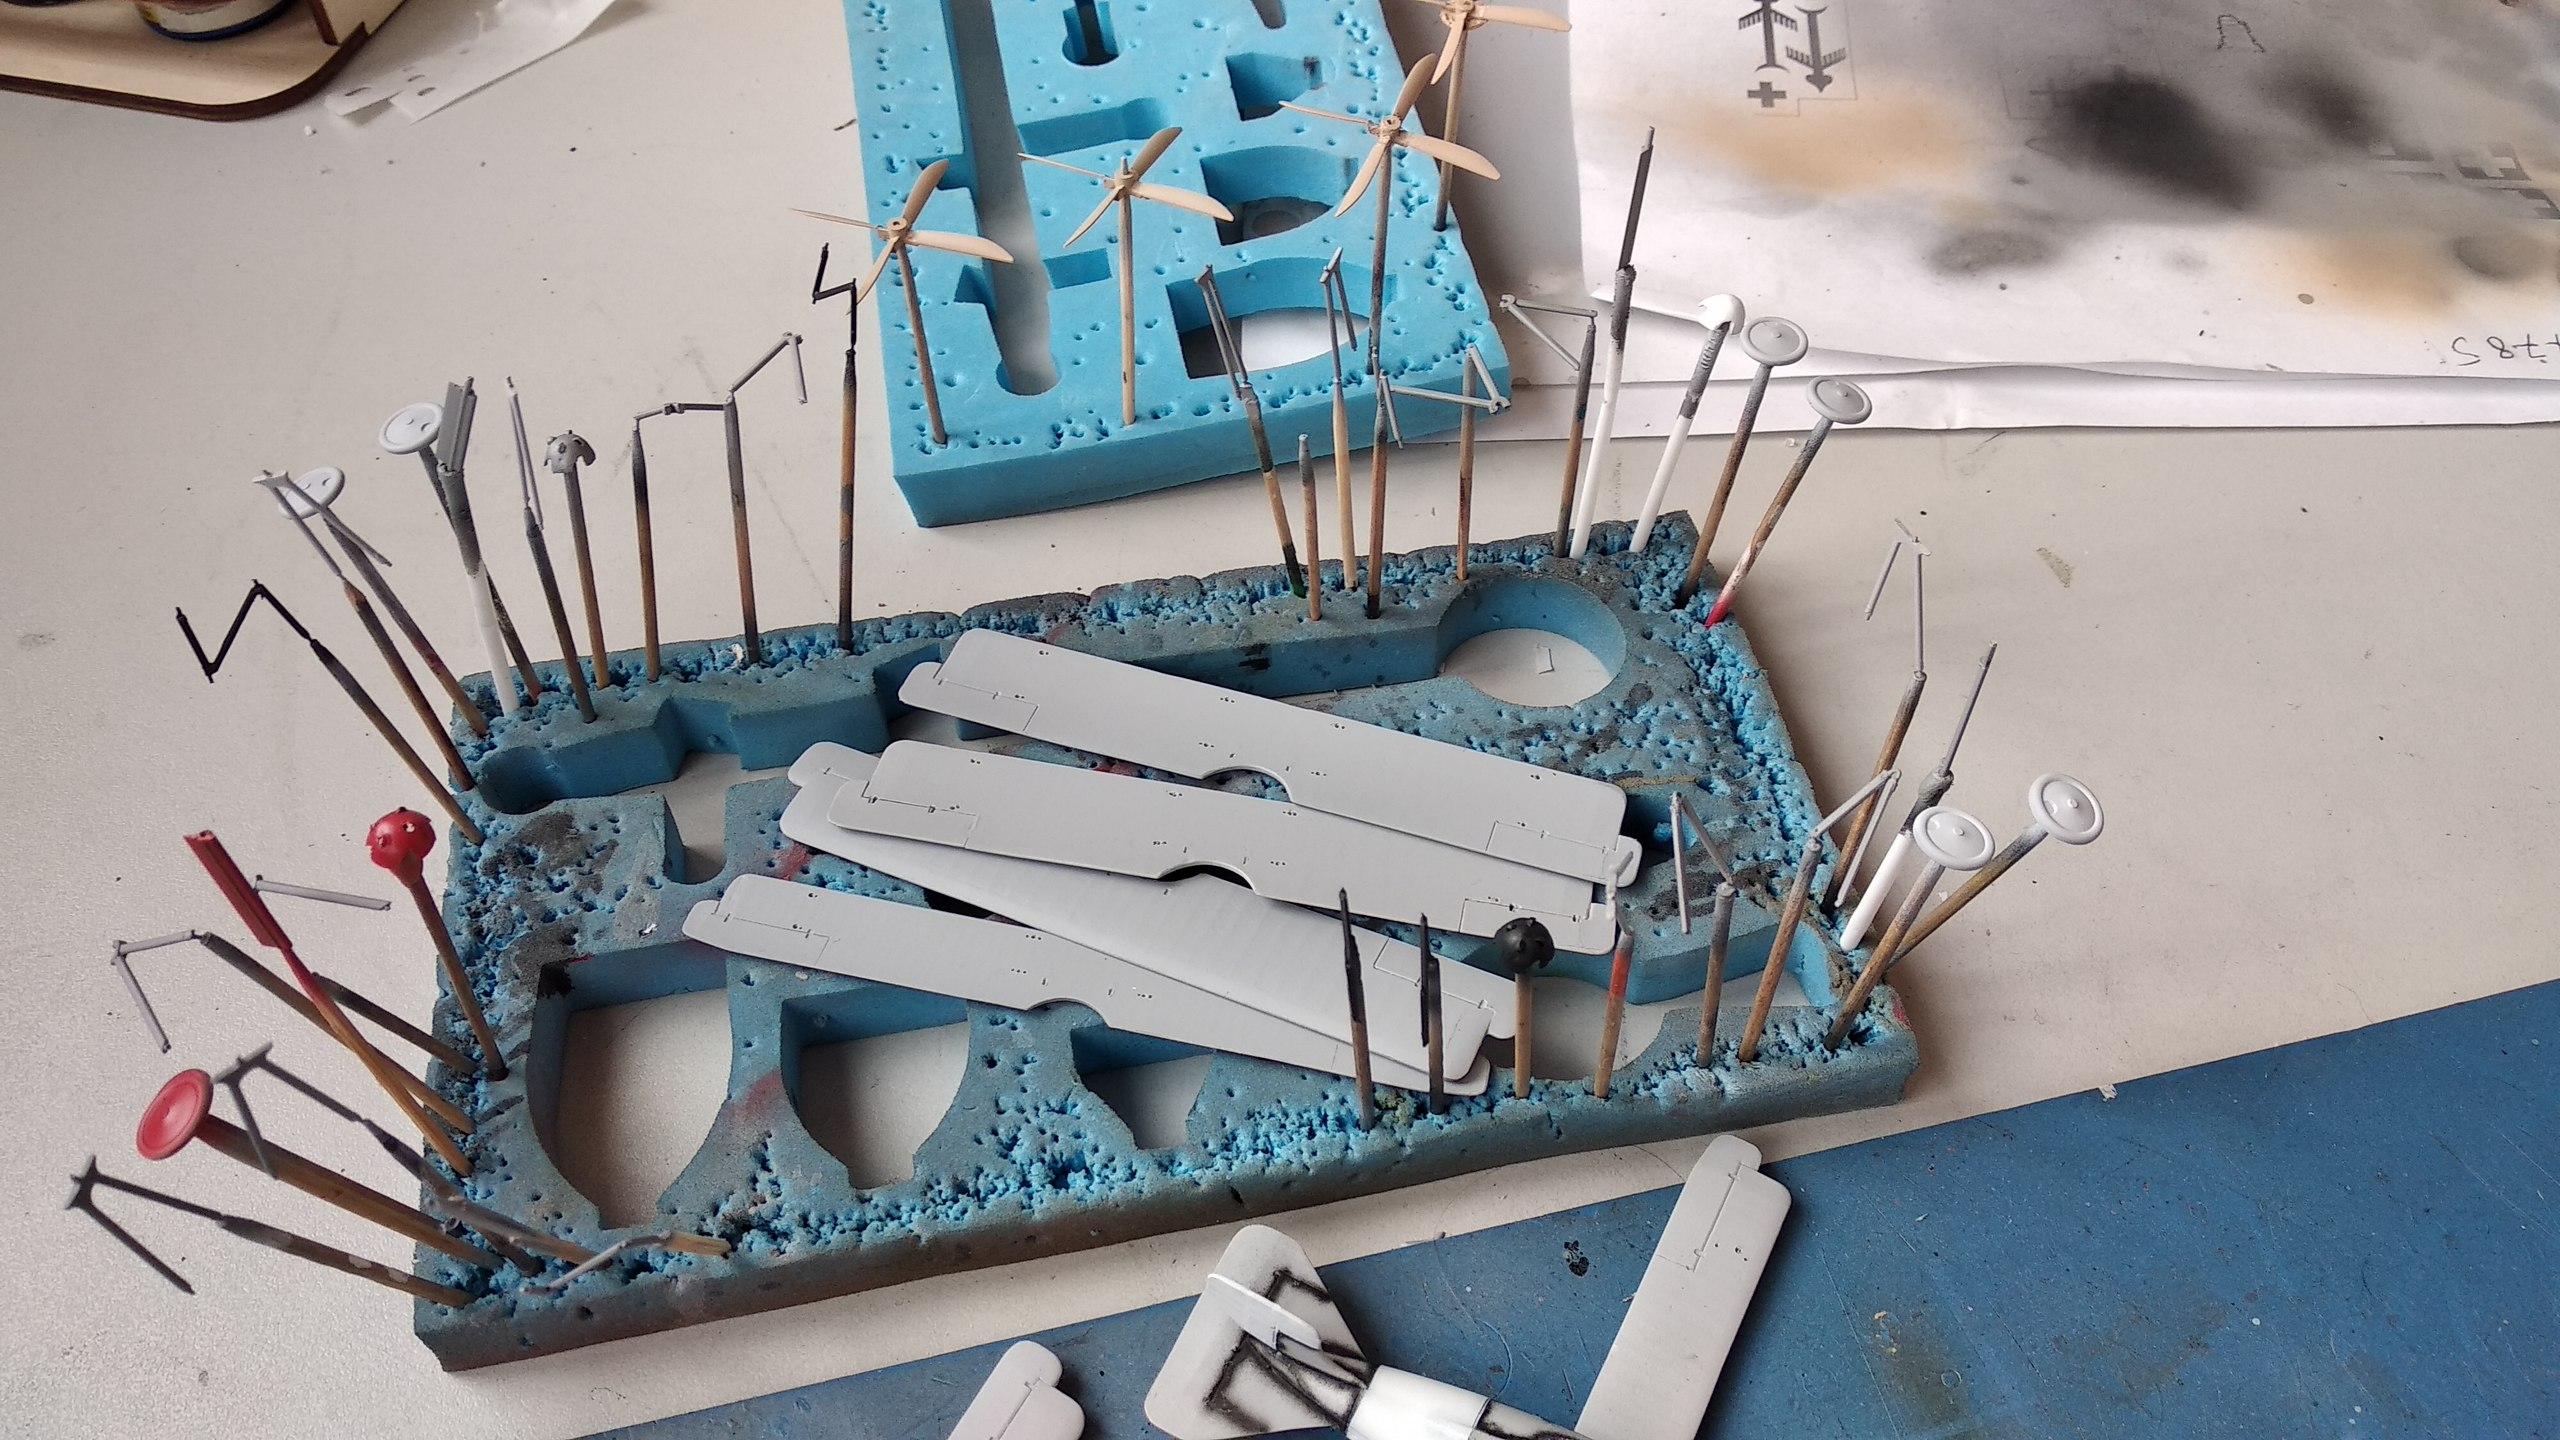 Siemens-Schuckert D.III D.IV 1/72 (ВЭ)  CnEj_Z-jrCo